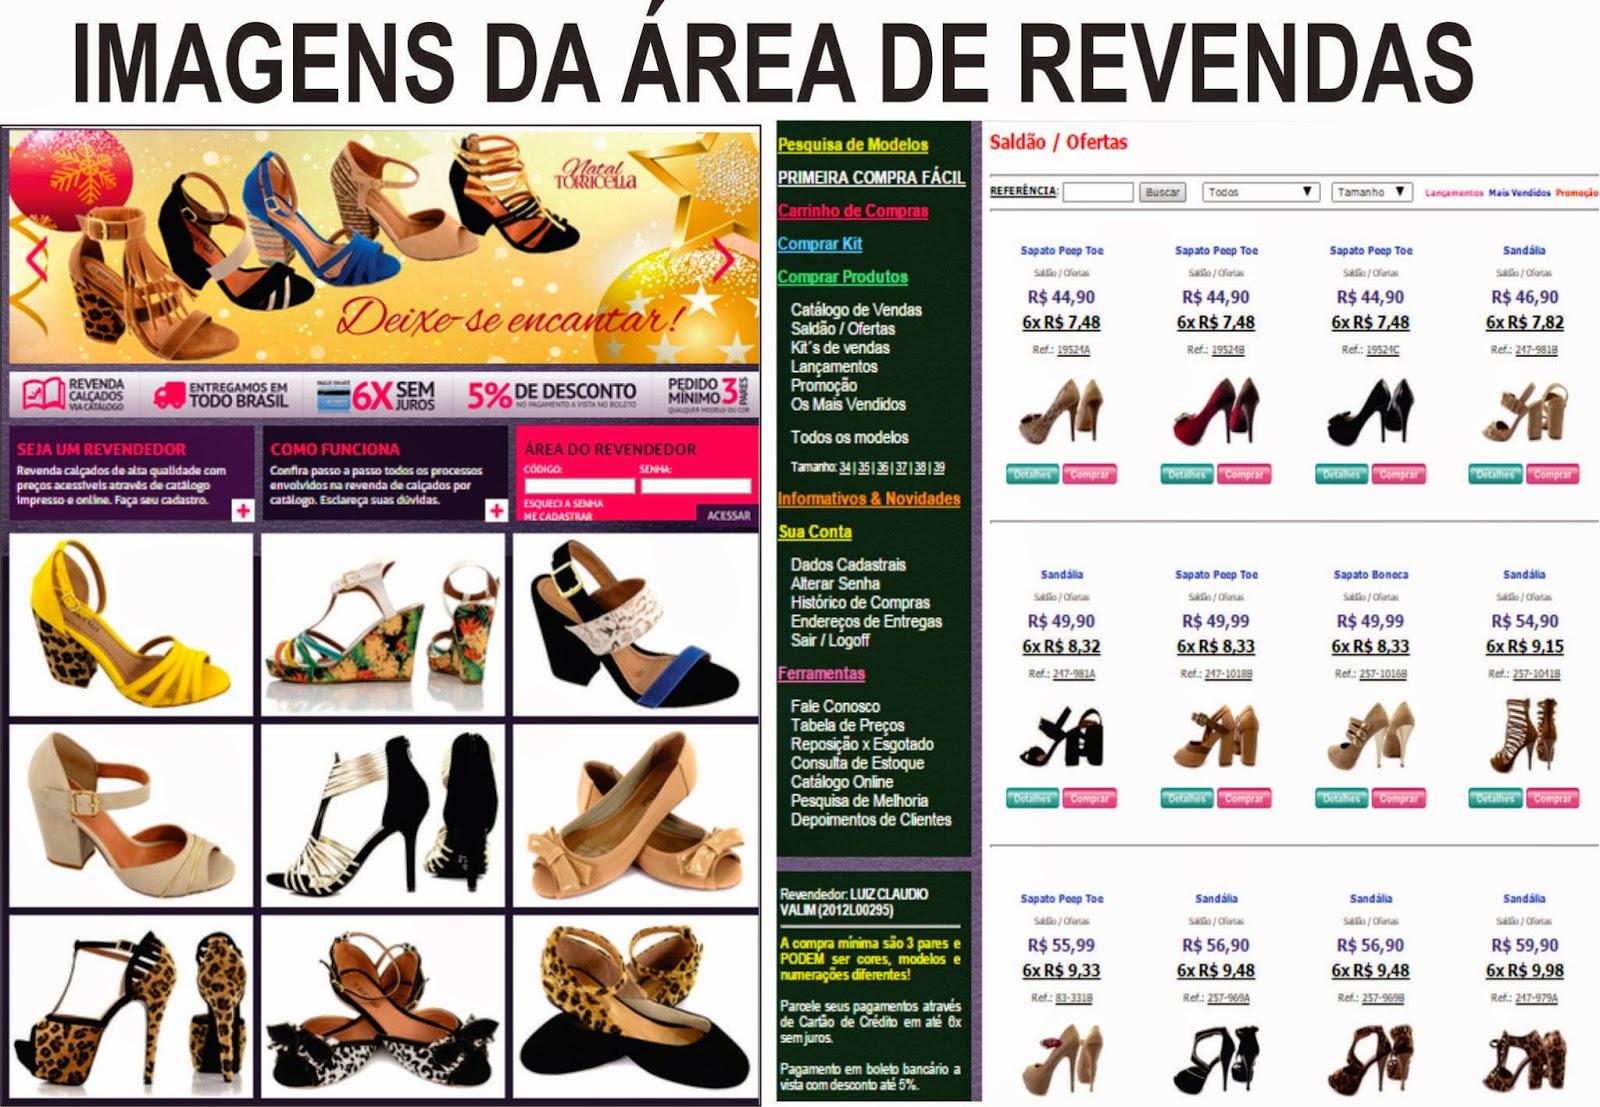 ad4a23d703 REVENDA TORRICELLA E OUTROS PRODUTOS.  REVENDA SAPATOS TORRICELLA+ ...